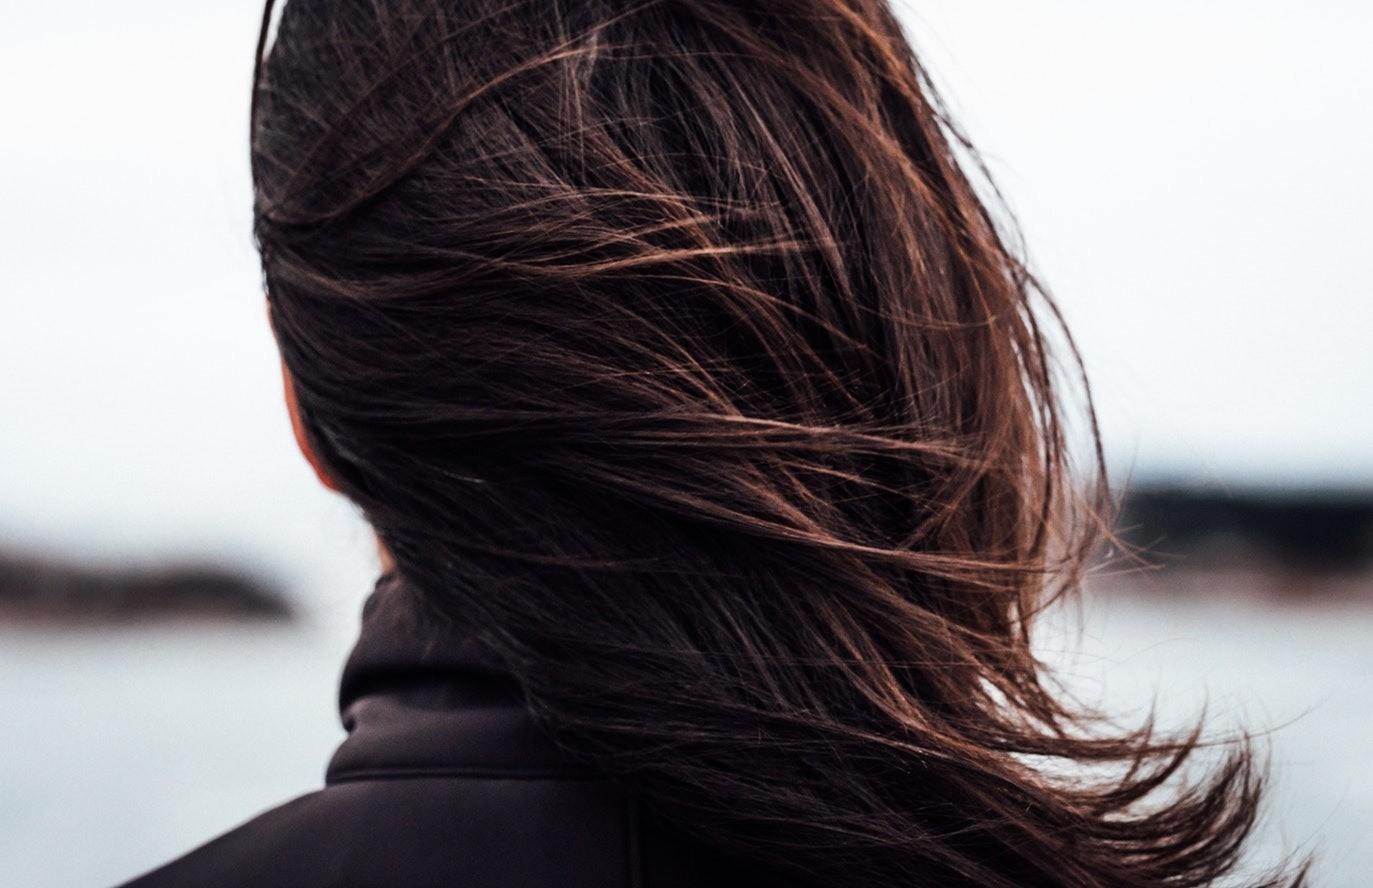 Восстанавливающая маска для волос: 6 эффективных вариантов в домашних условиях